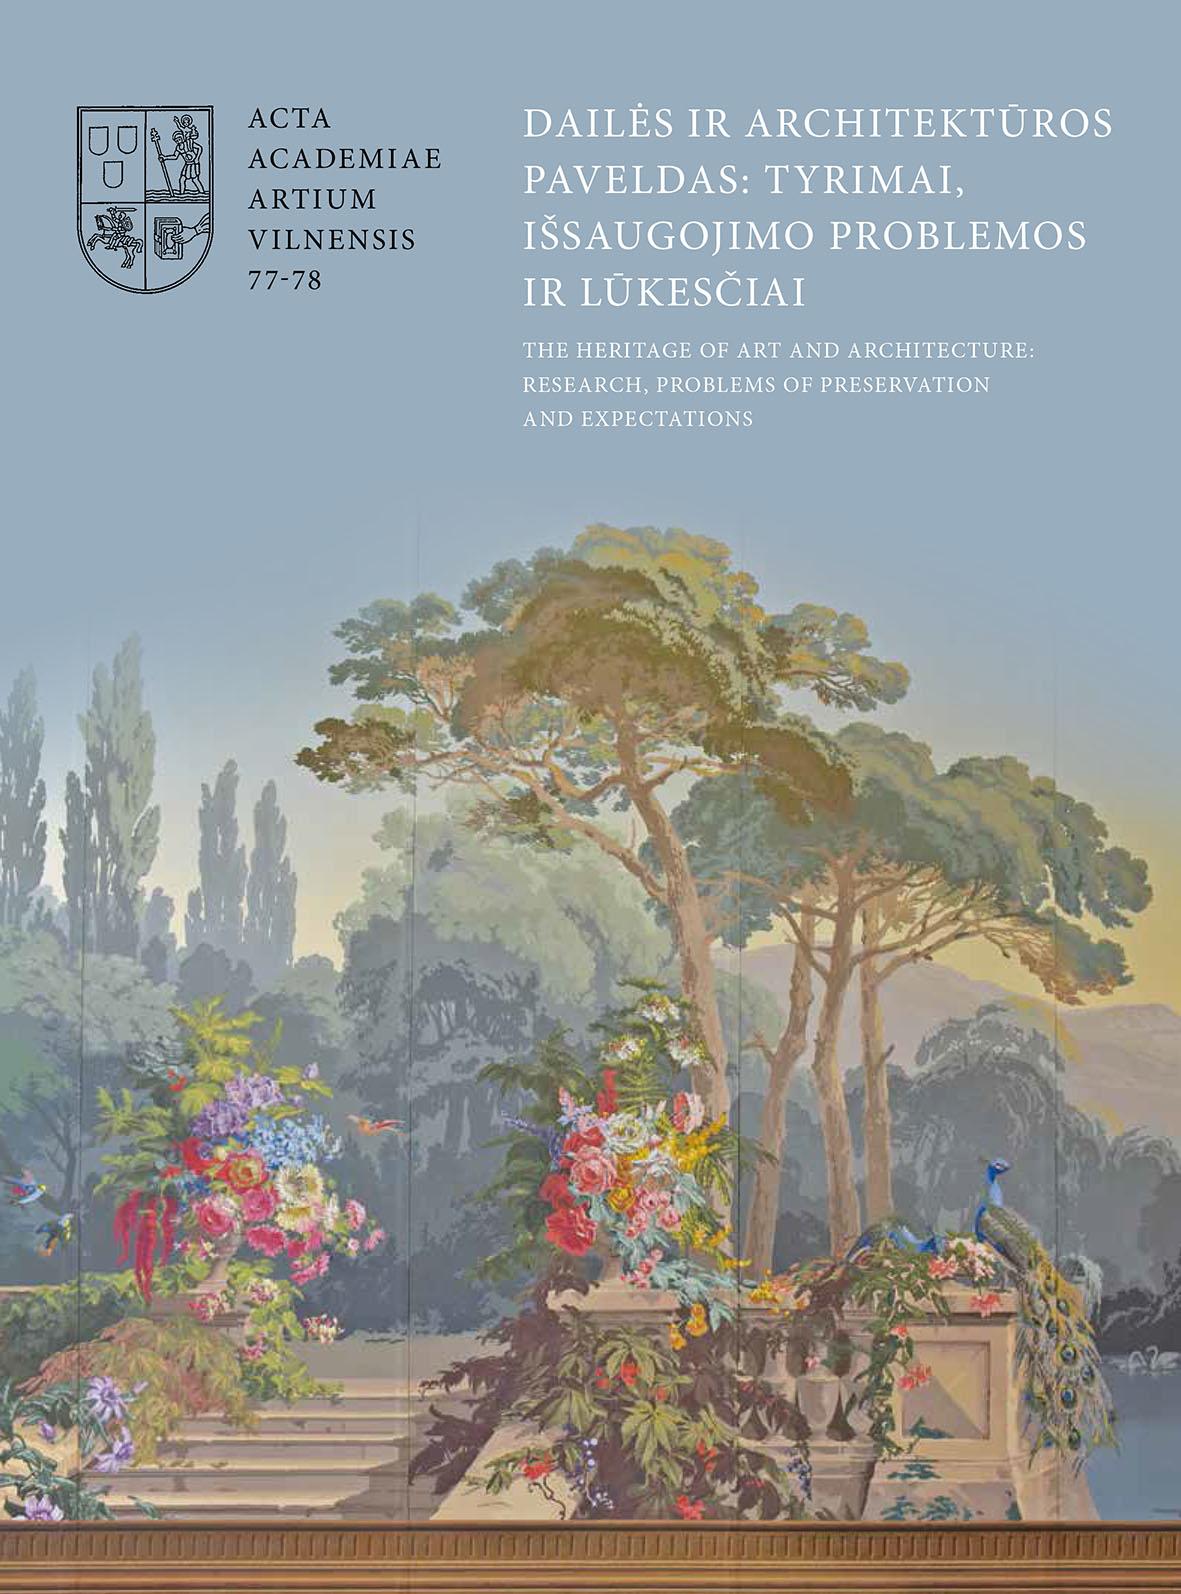 Dailės ir architektūros paveldas: tyrimai, išsaugojimo problemos ir lūkesčiai